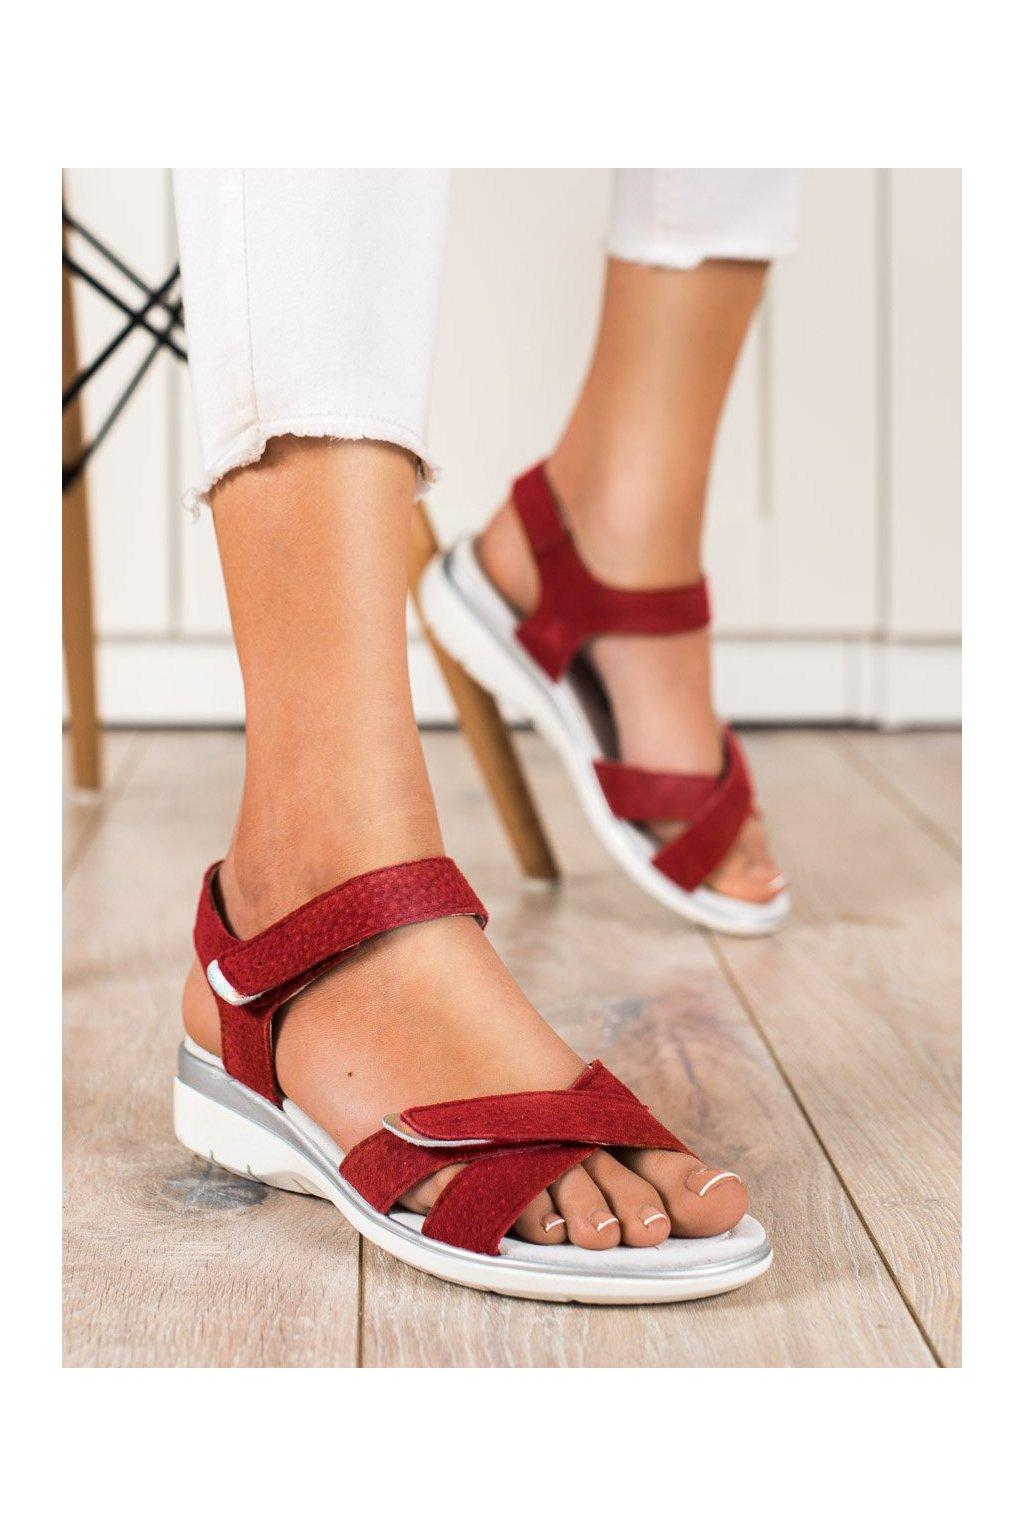 Červené sandále s plochou podrážkou Vinceza kod SG20-7768R